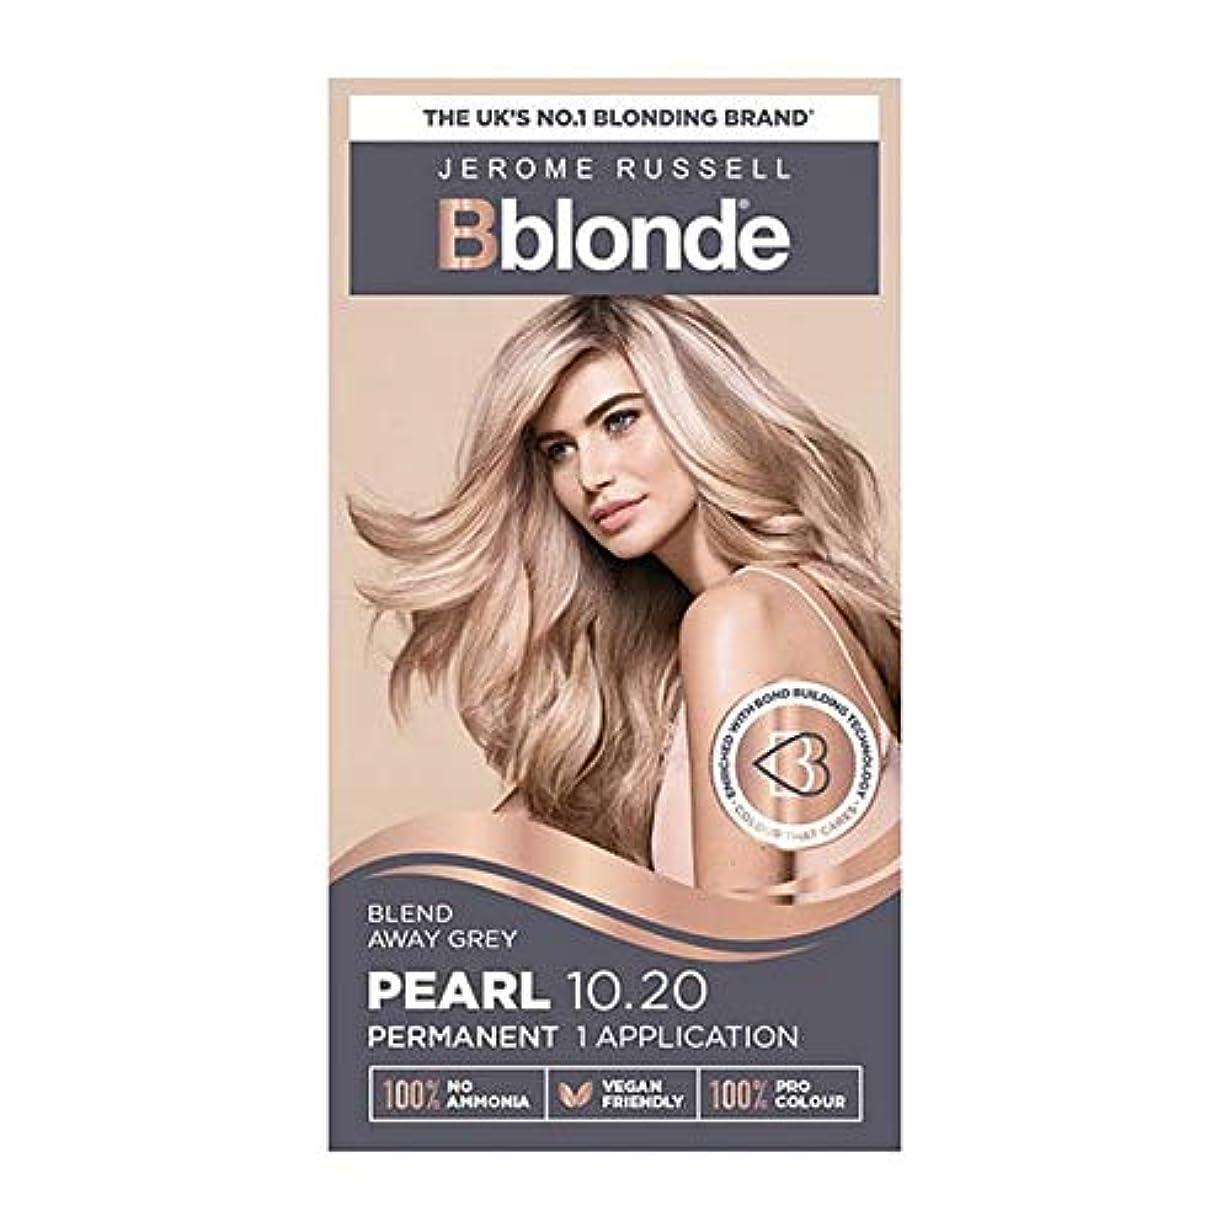 署名文言散らす[Jerome Russell ] ジェロームラッセルBblondeパーマネントヘアキット真珠10.2ブロンド - Jerome Russell Bblonde Permanent Hair Kit Pearl Blonde...